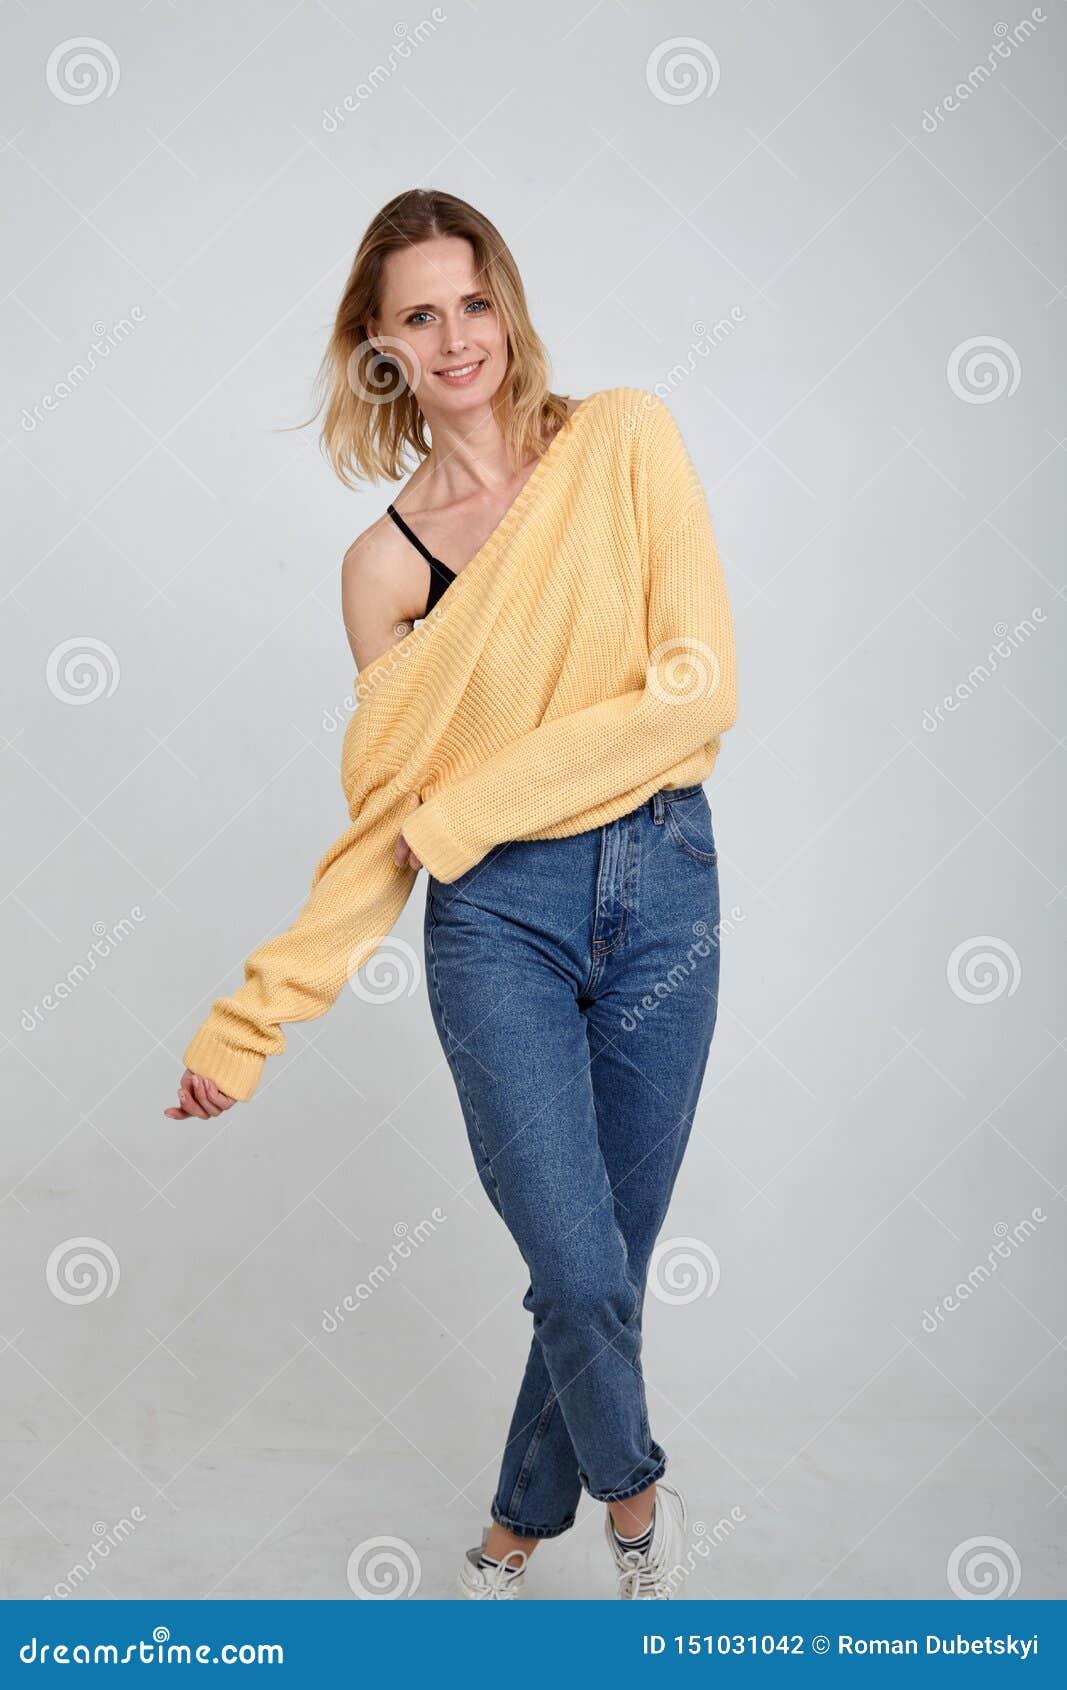 El jugar y sonrisa Un retrato en integral de un rubio hermoso, vestido en ropa elegante actitudes delante del blanco